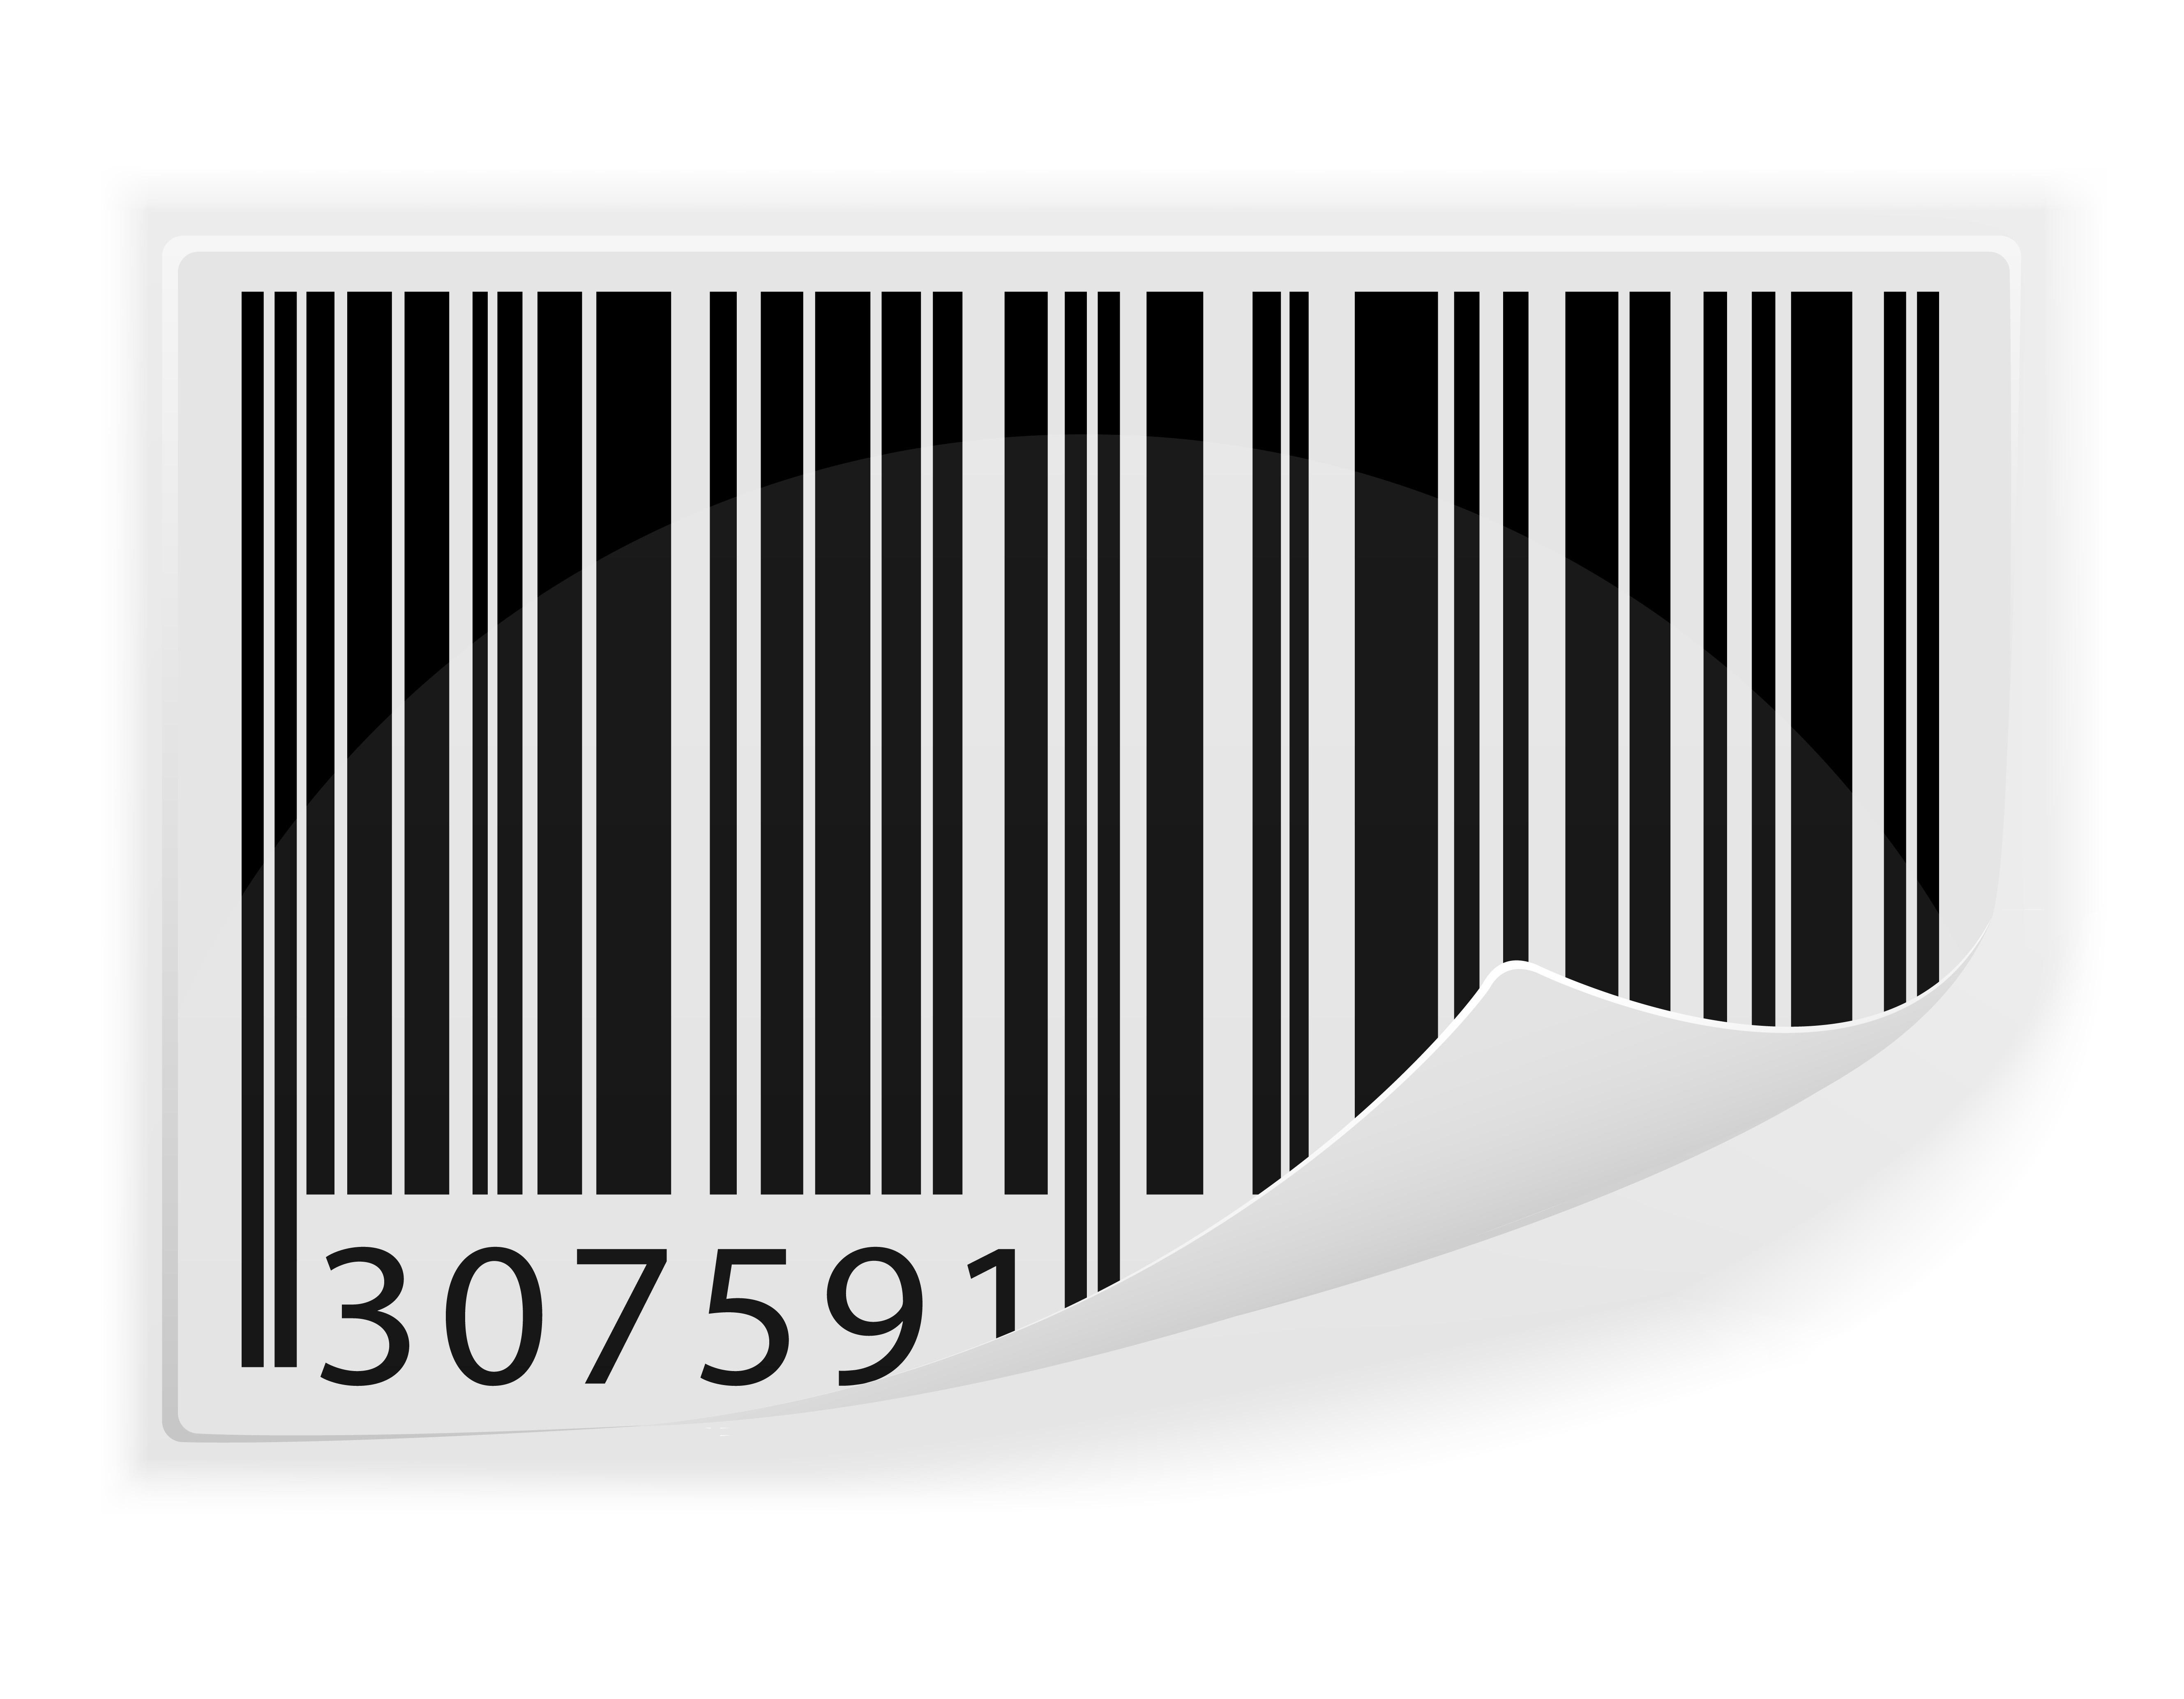 Upc-a Bar Code Clip Art at Clker.com - vector clip art